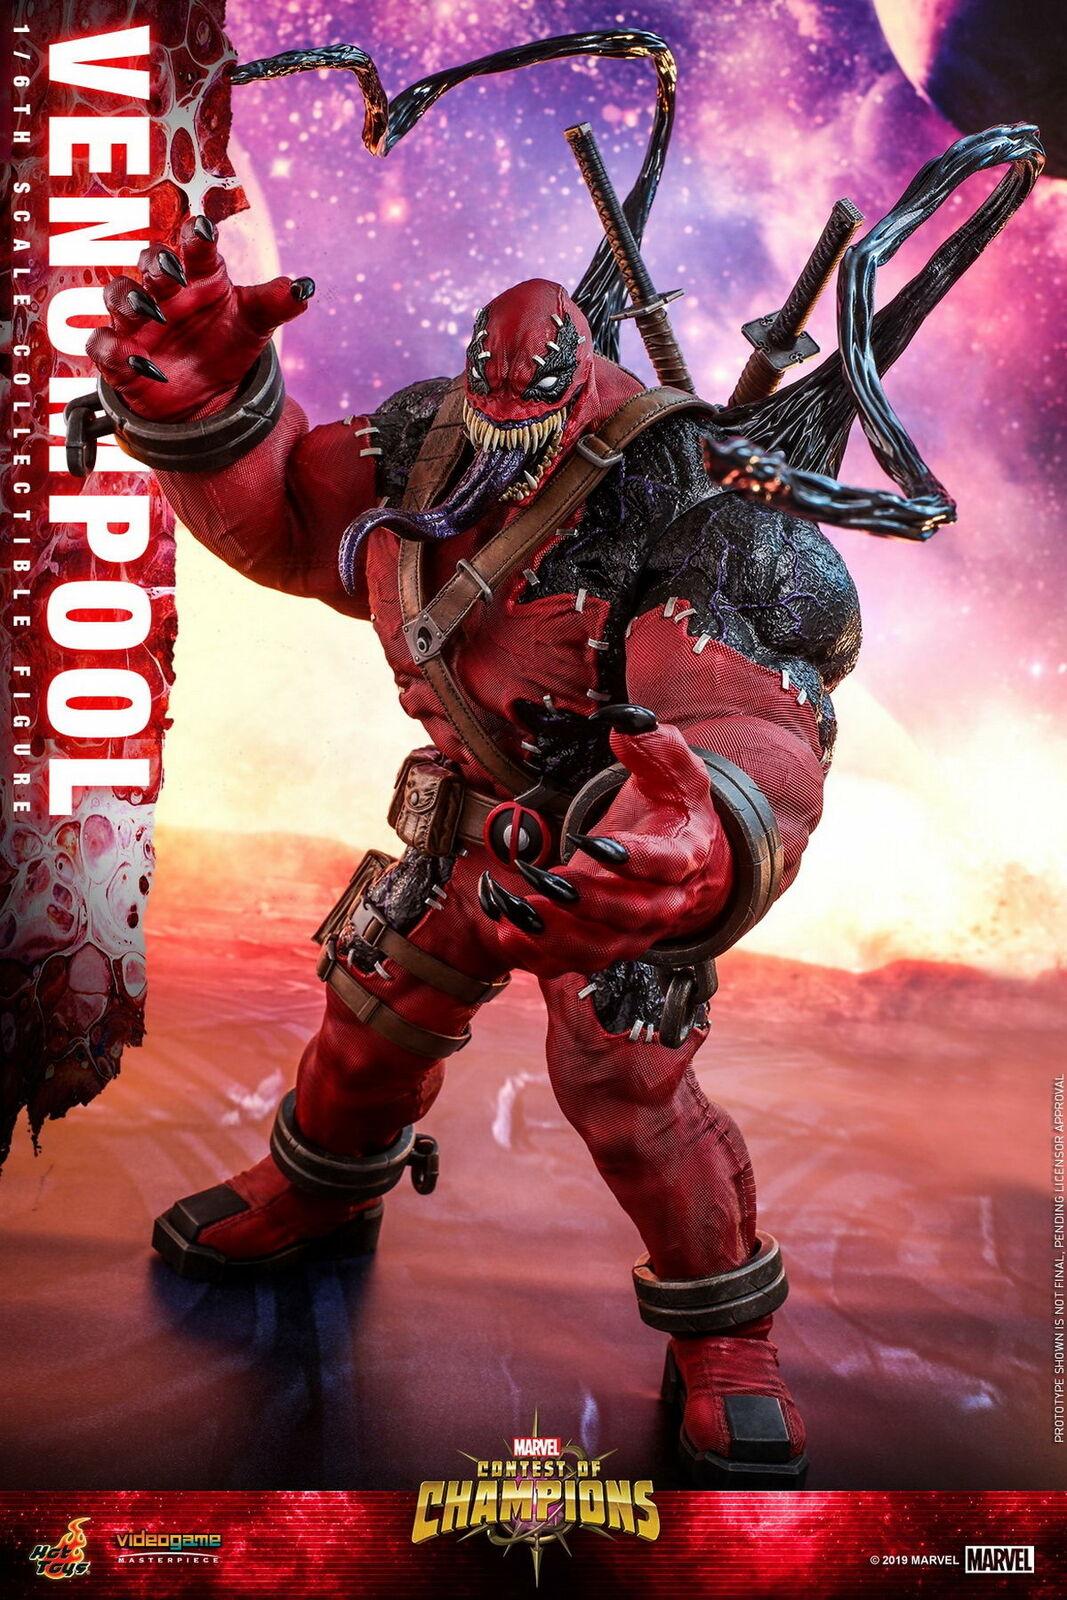 Hot Juguetes venompool 1 6 Escala Figura De Colección Marvel concurso de Champio VGM35